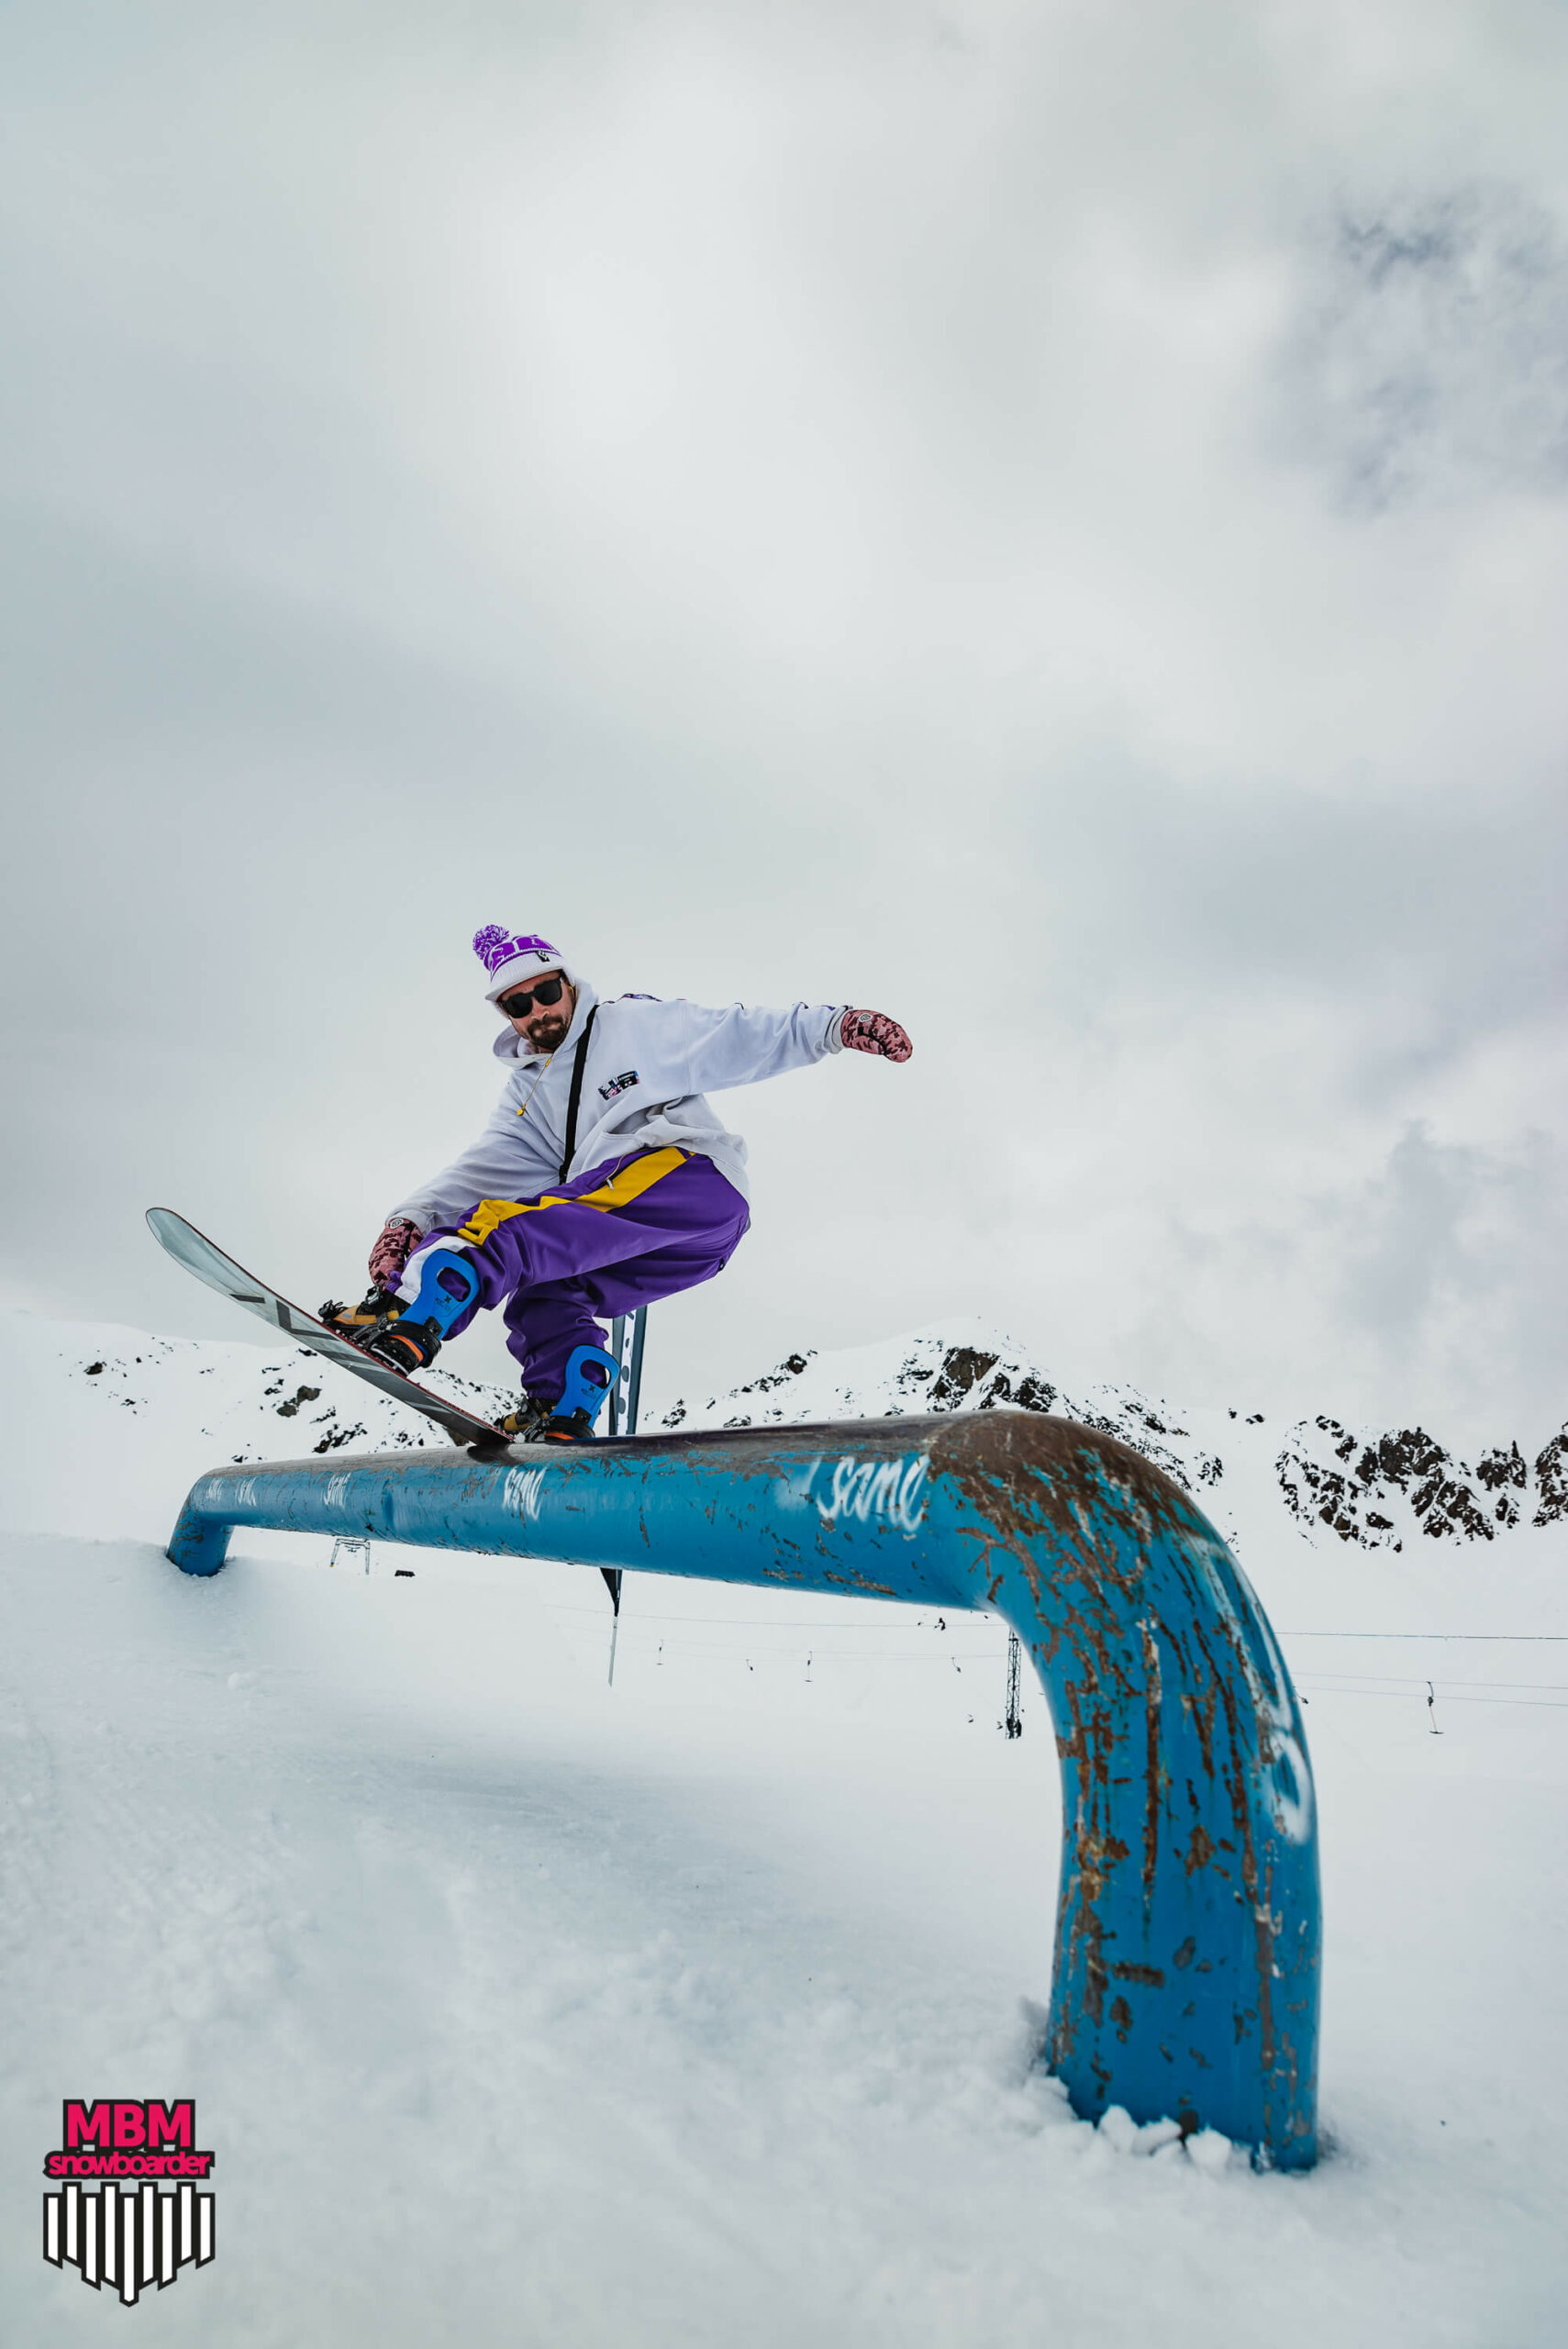 snowboarderMBM_sd_kaunertal_054